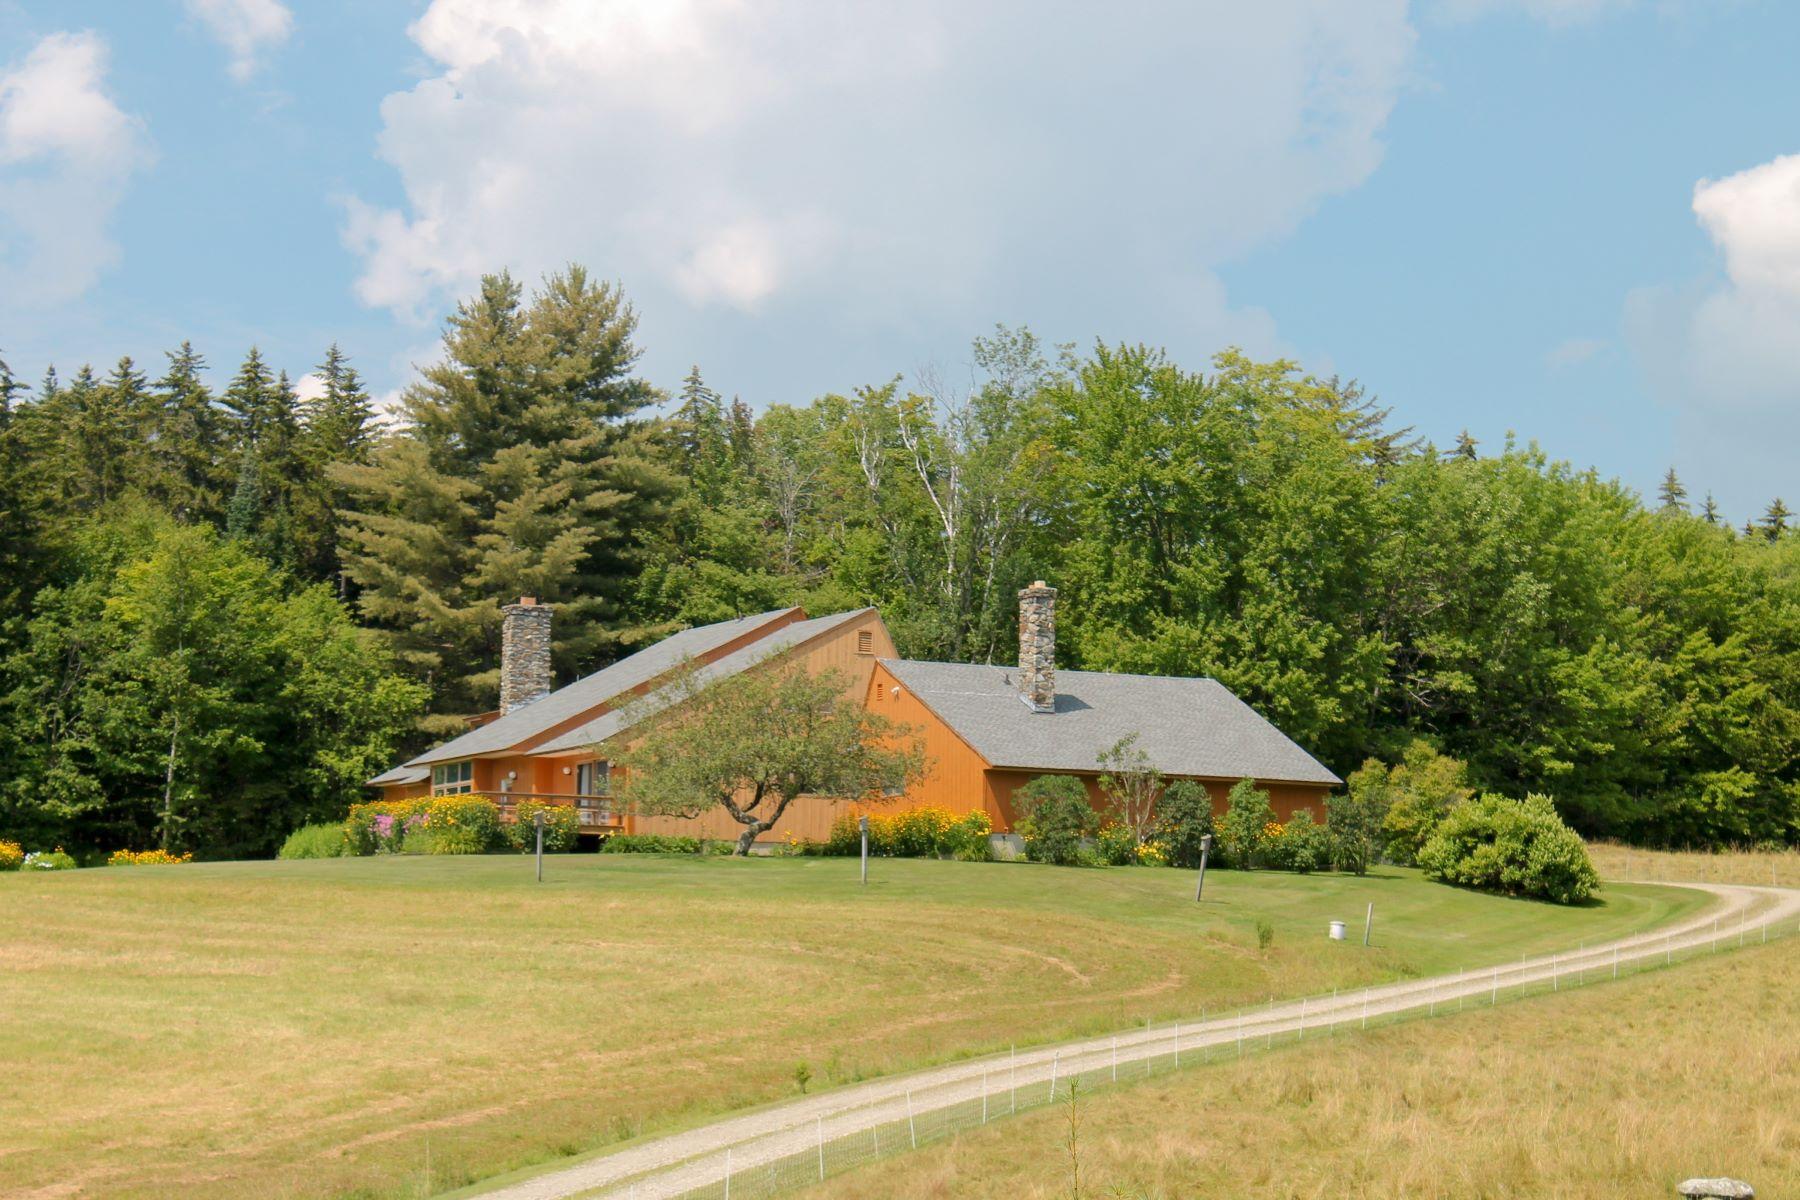 独户住宅 为 销售 在 Contemporary Home on 168.9 Acres 1865 Brook, 罗切斯特市, 佛蒙特州, 05767 美国